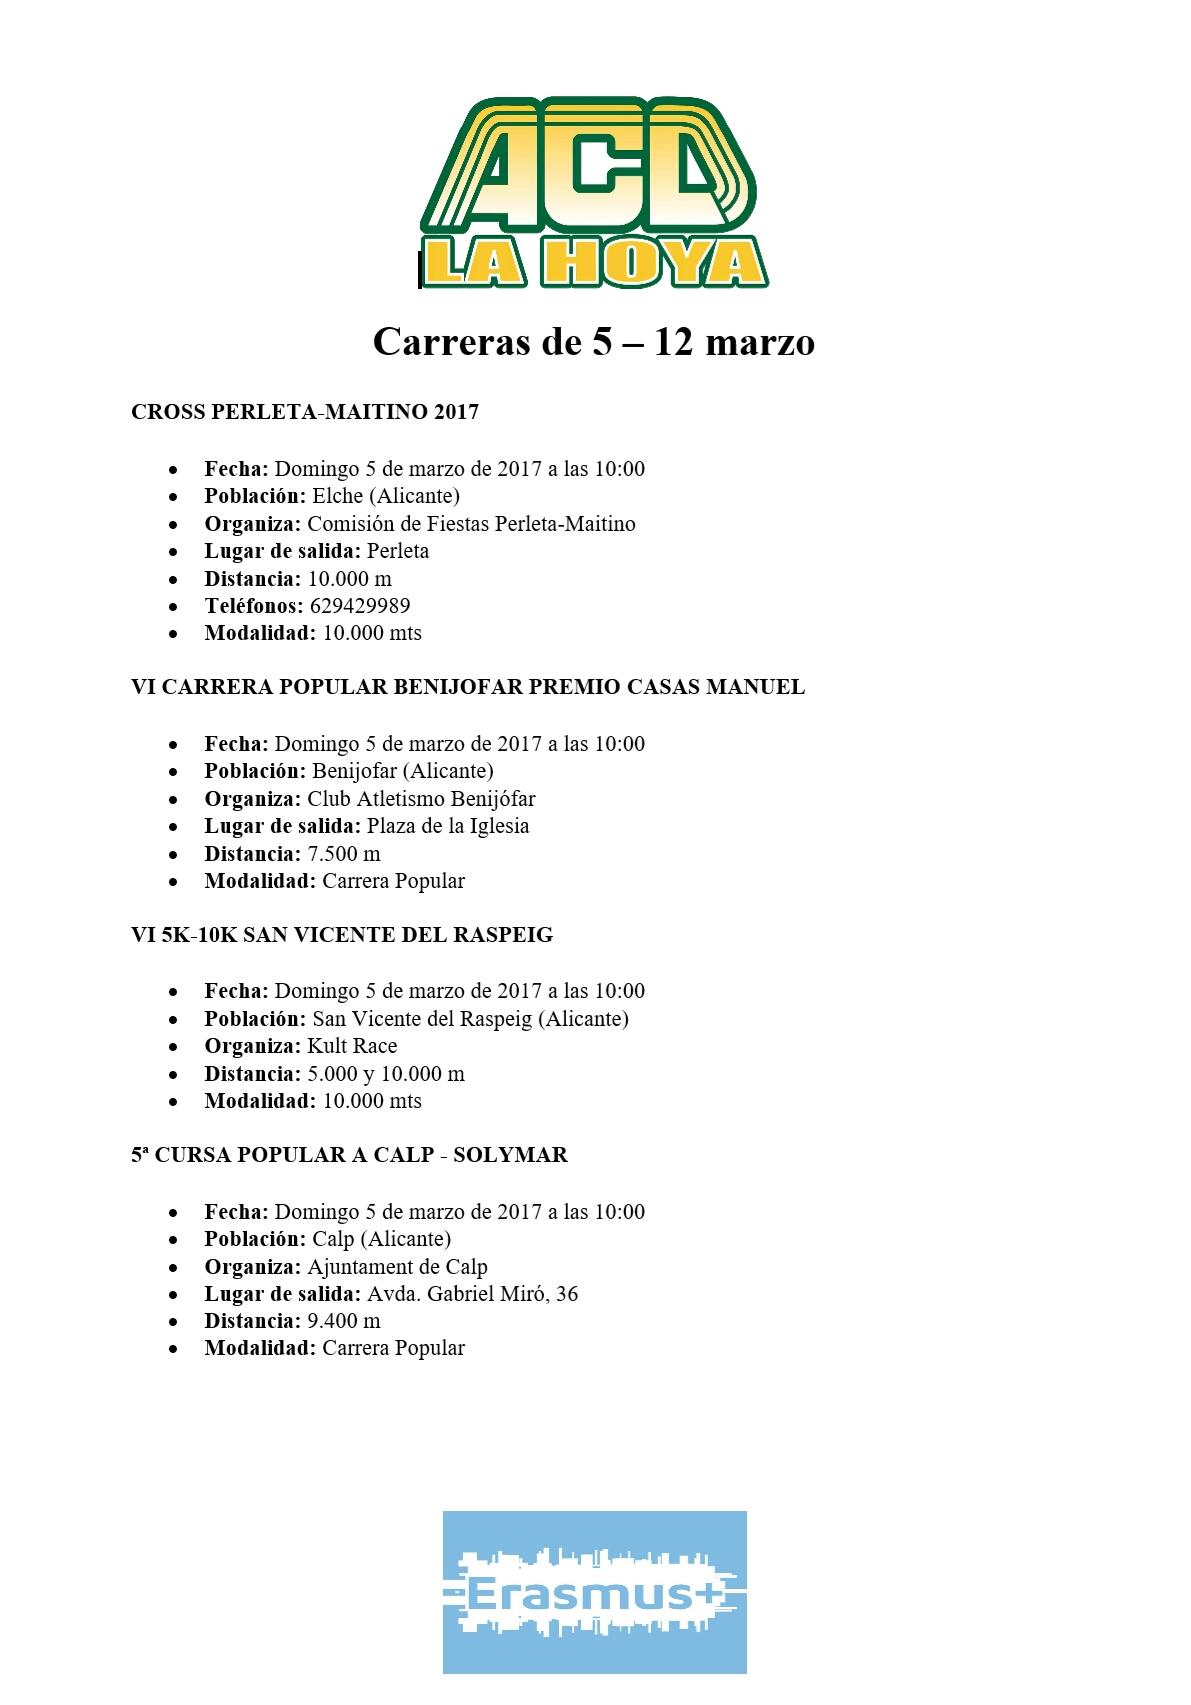 Carreras de 5 – 12 marzo (1)